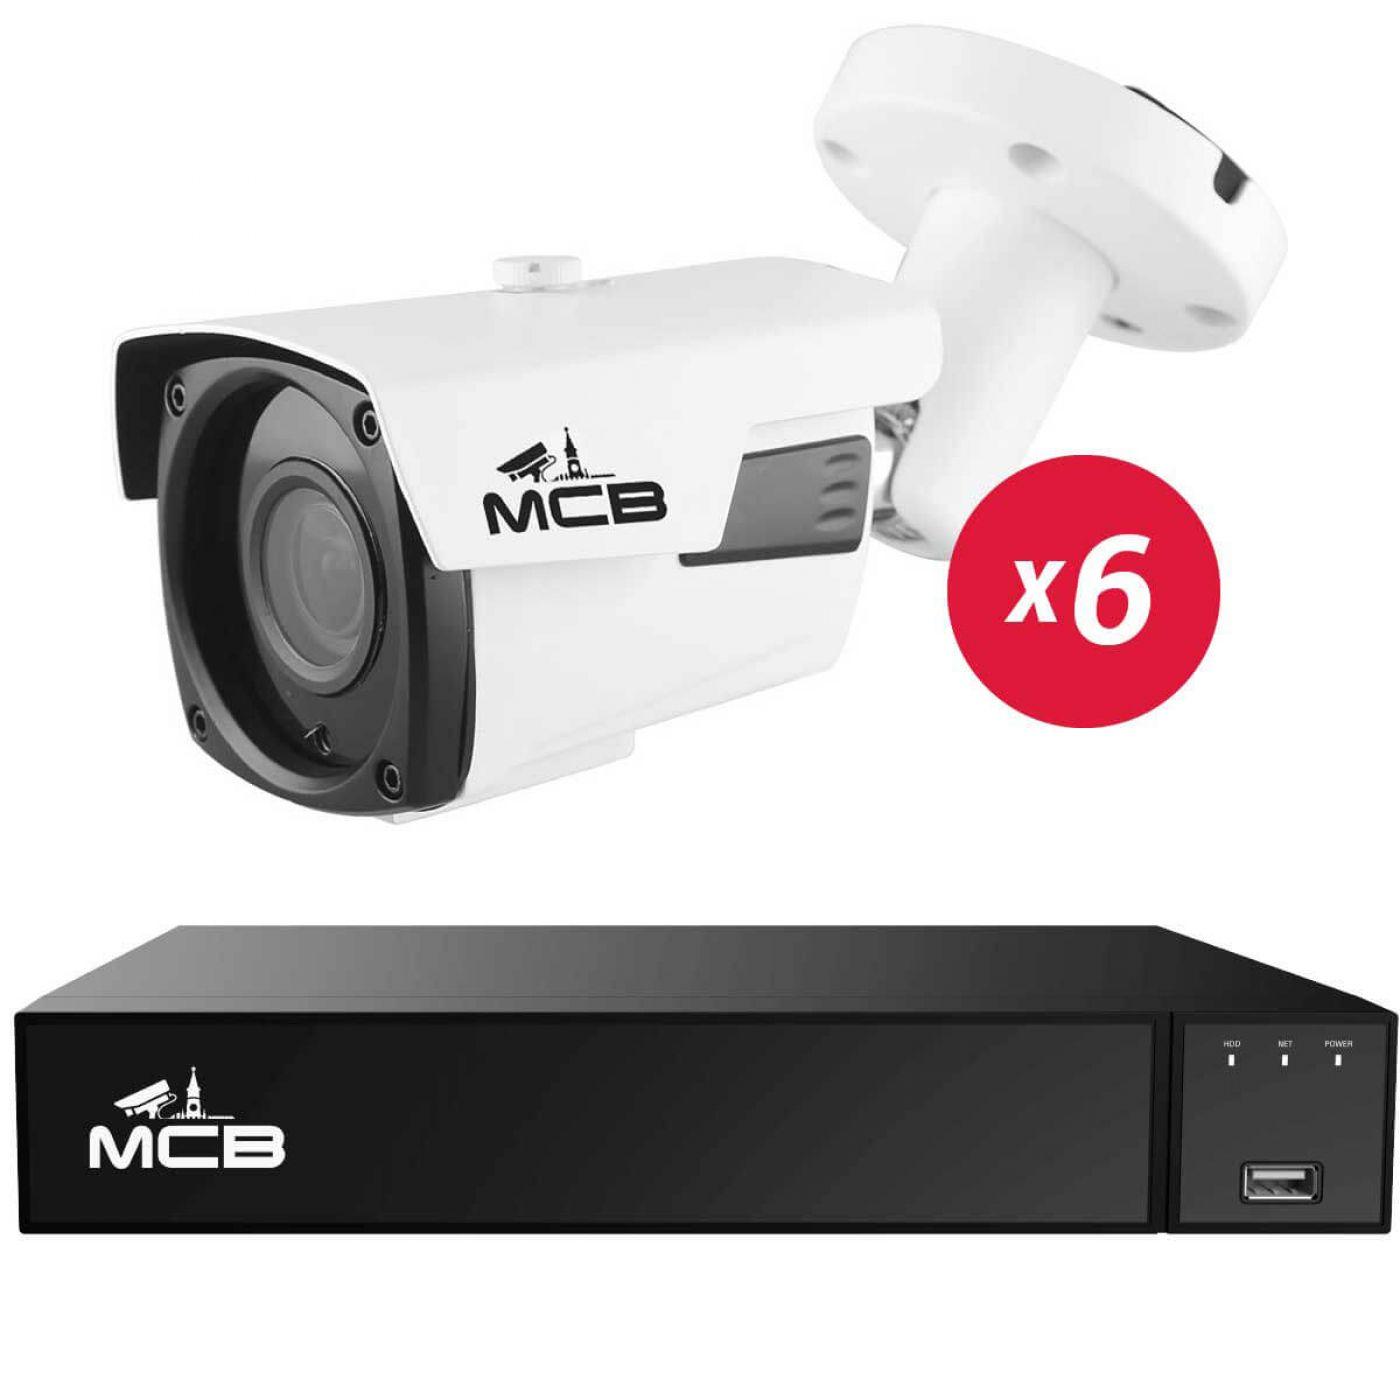 Комплект видеонаблюдения на 6 камер по 5 Мегапикселей Pro